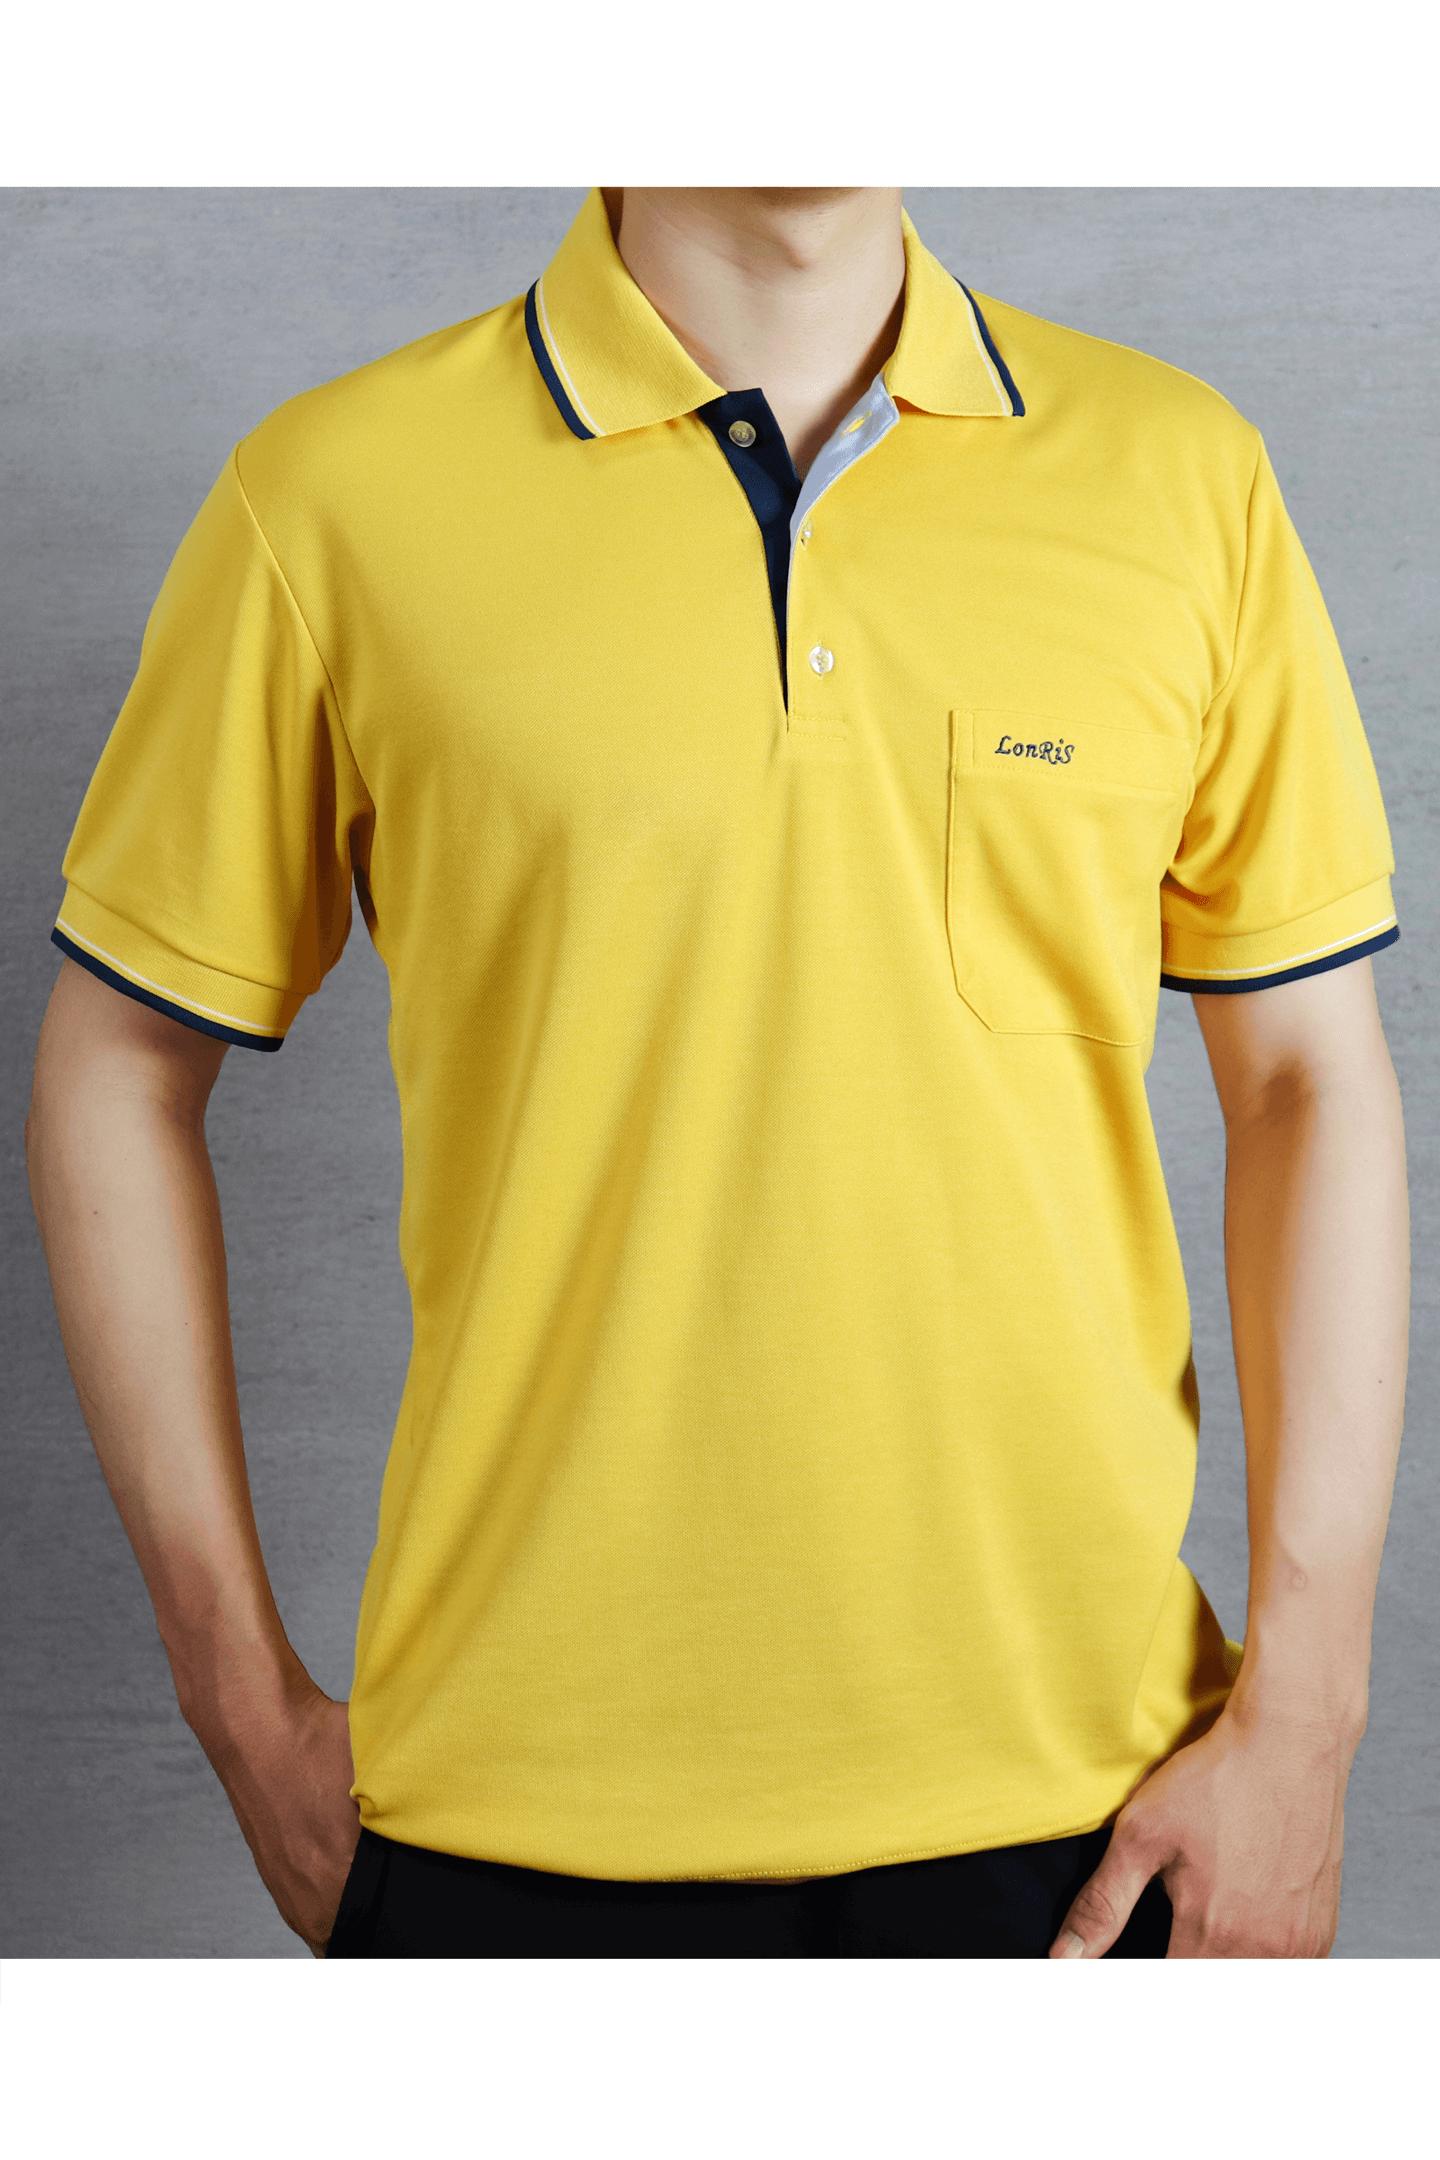 黃底滾邊短袖POLO衫/吸濕排汗 速乾